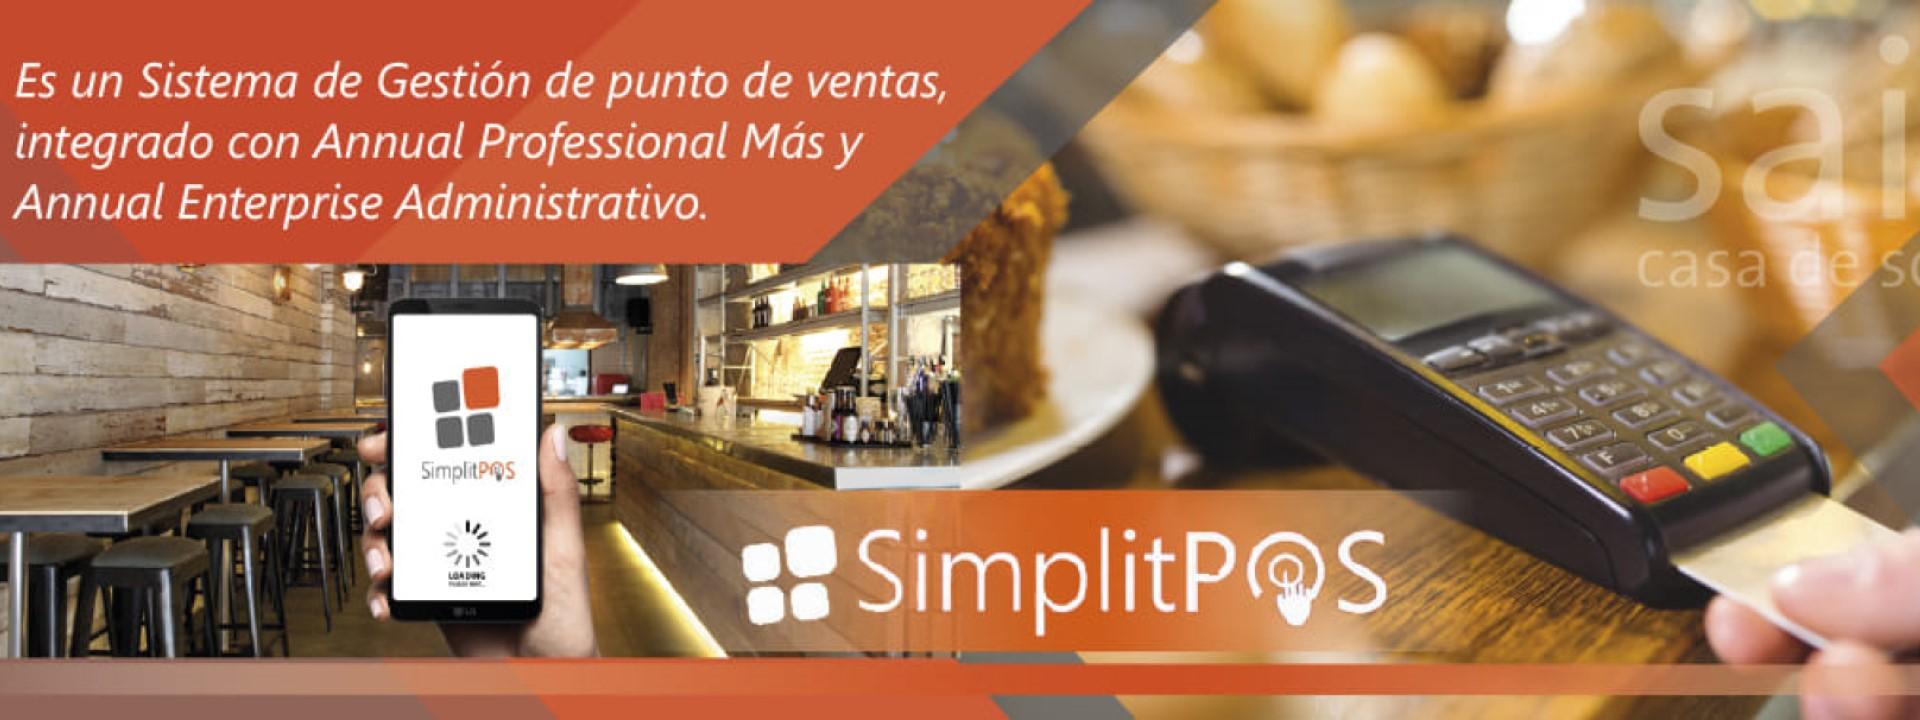 simplitpos-2